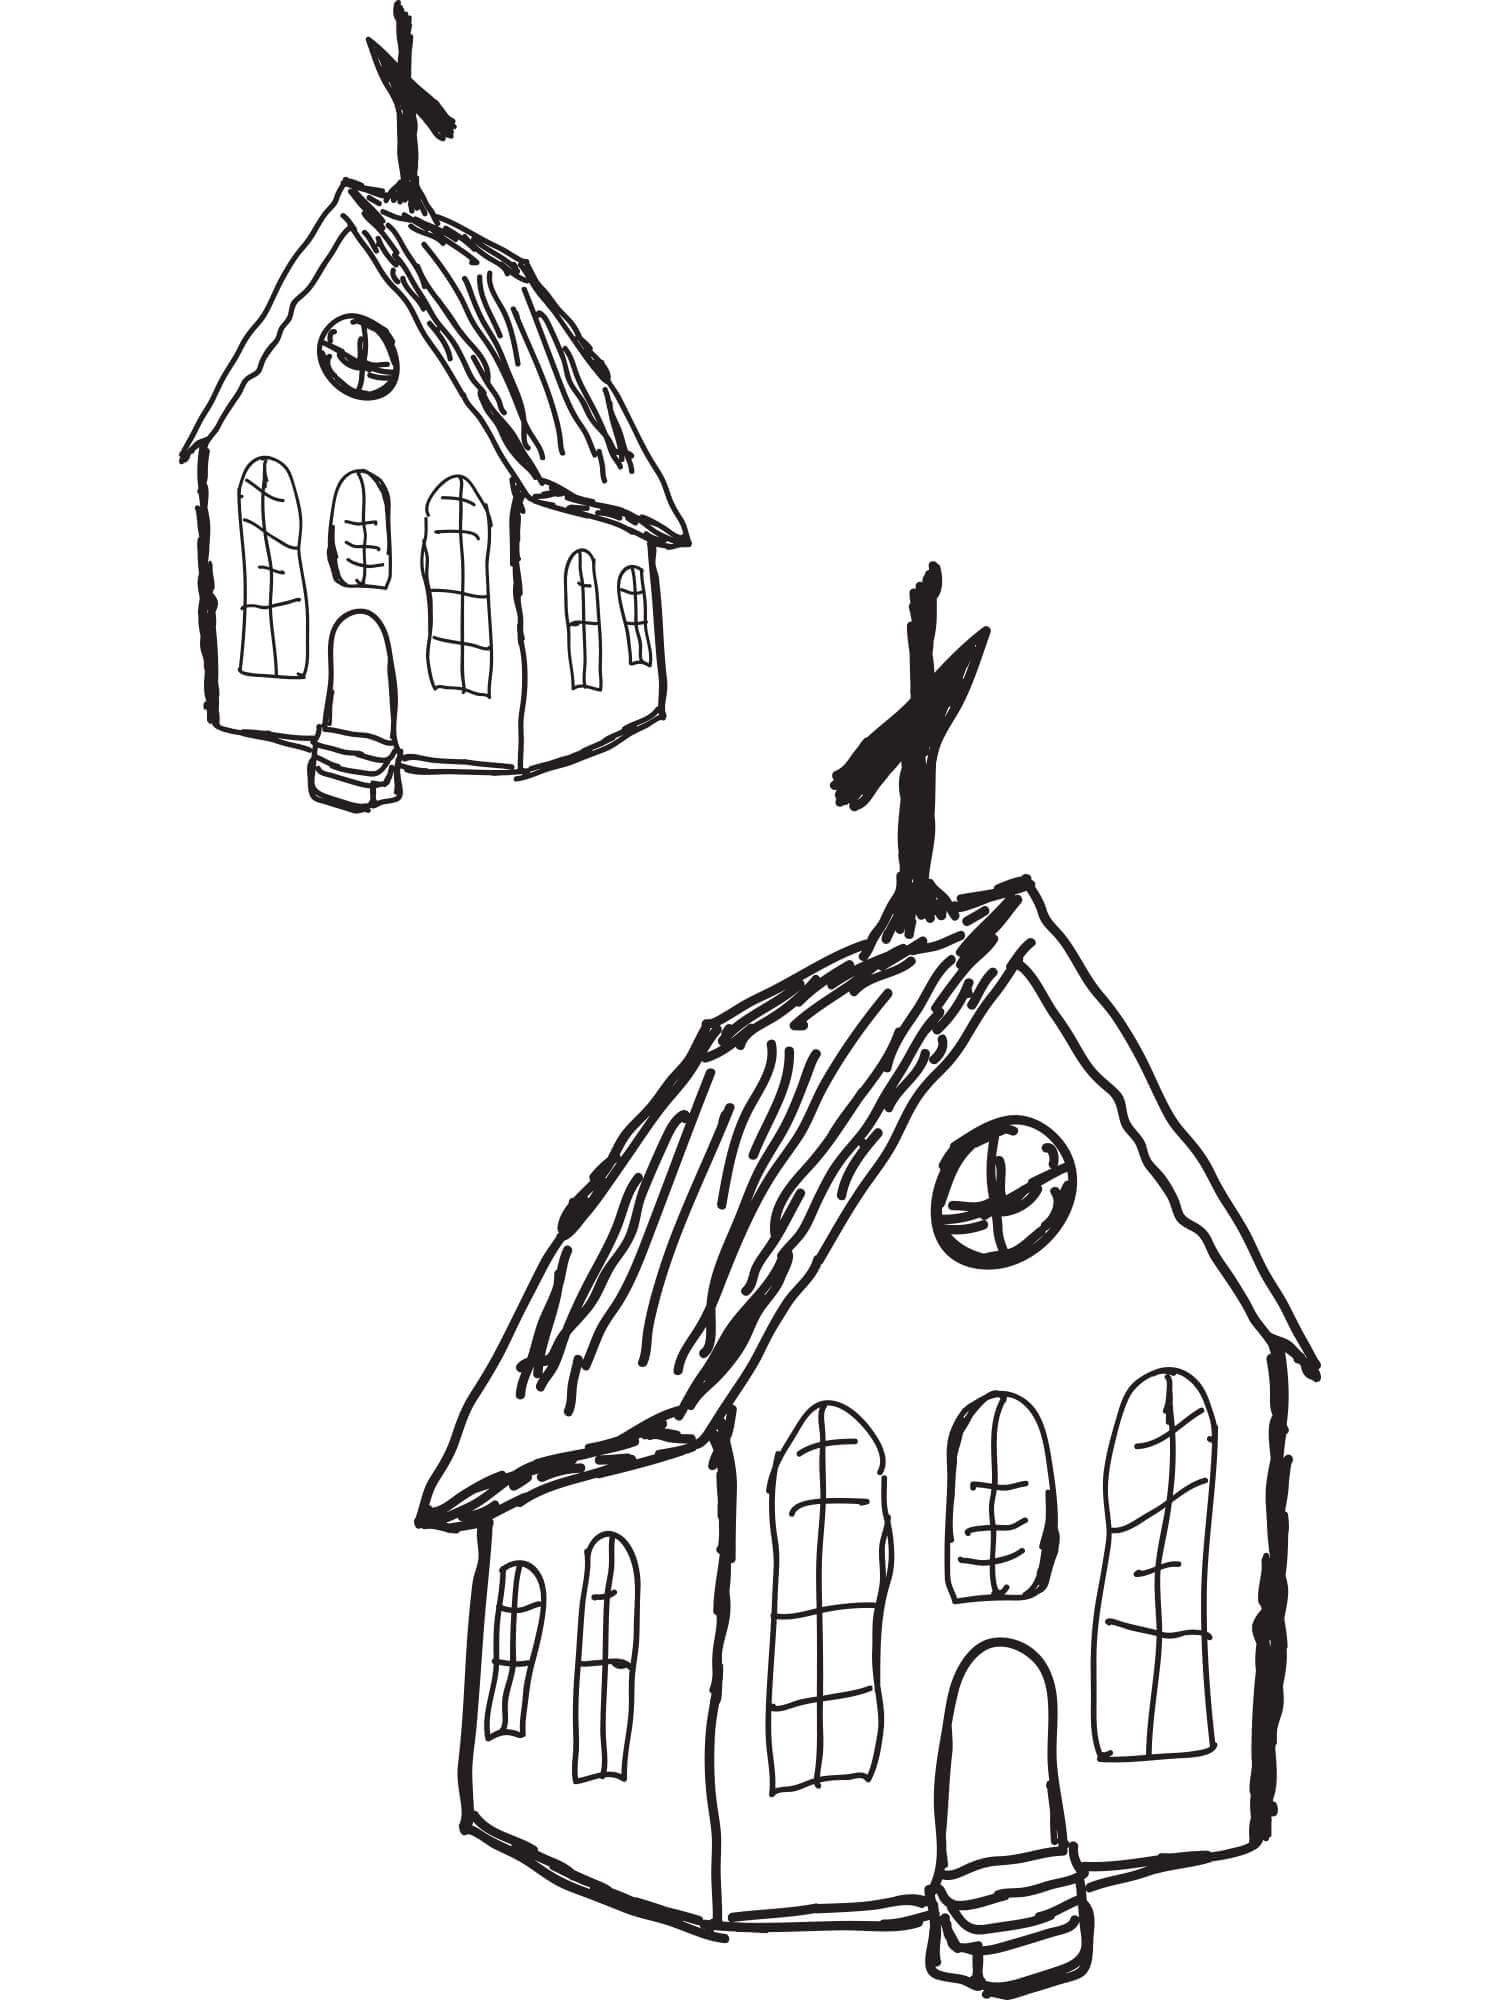 Als trouw aan je kerk gaat knellen